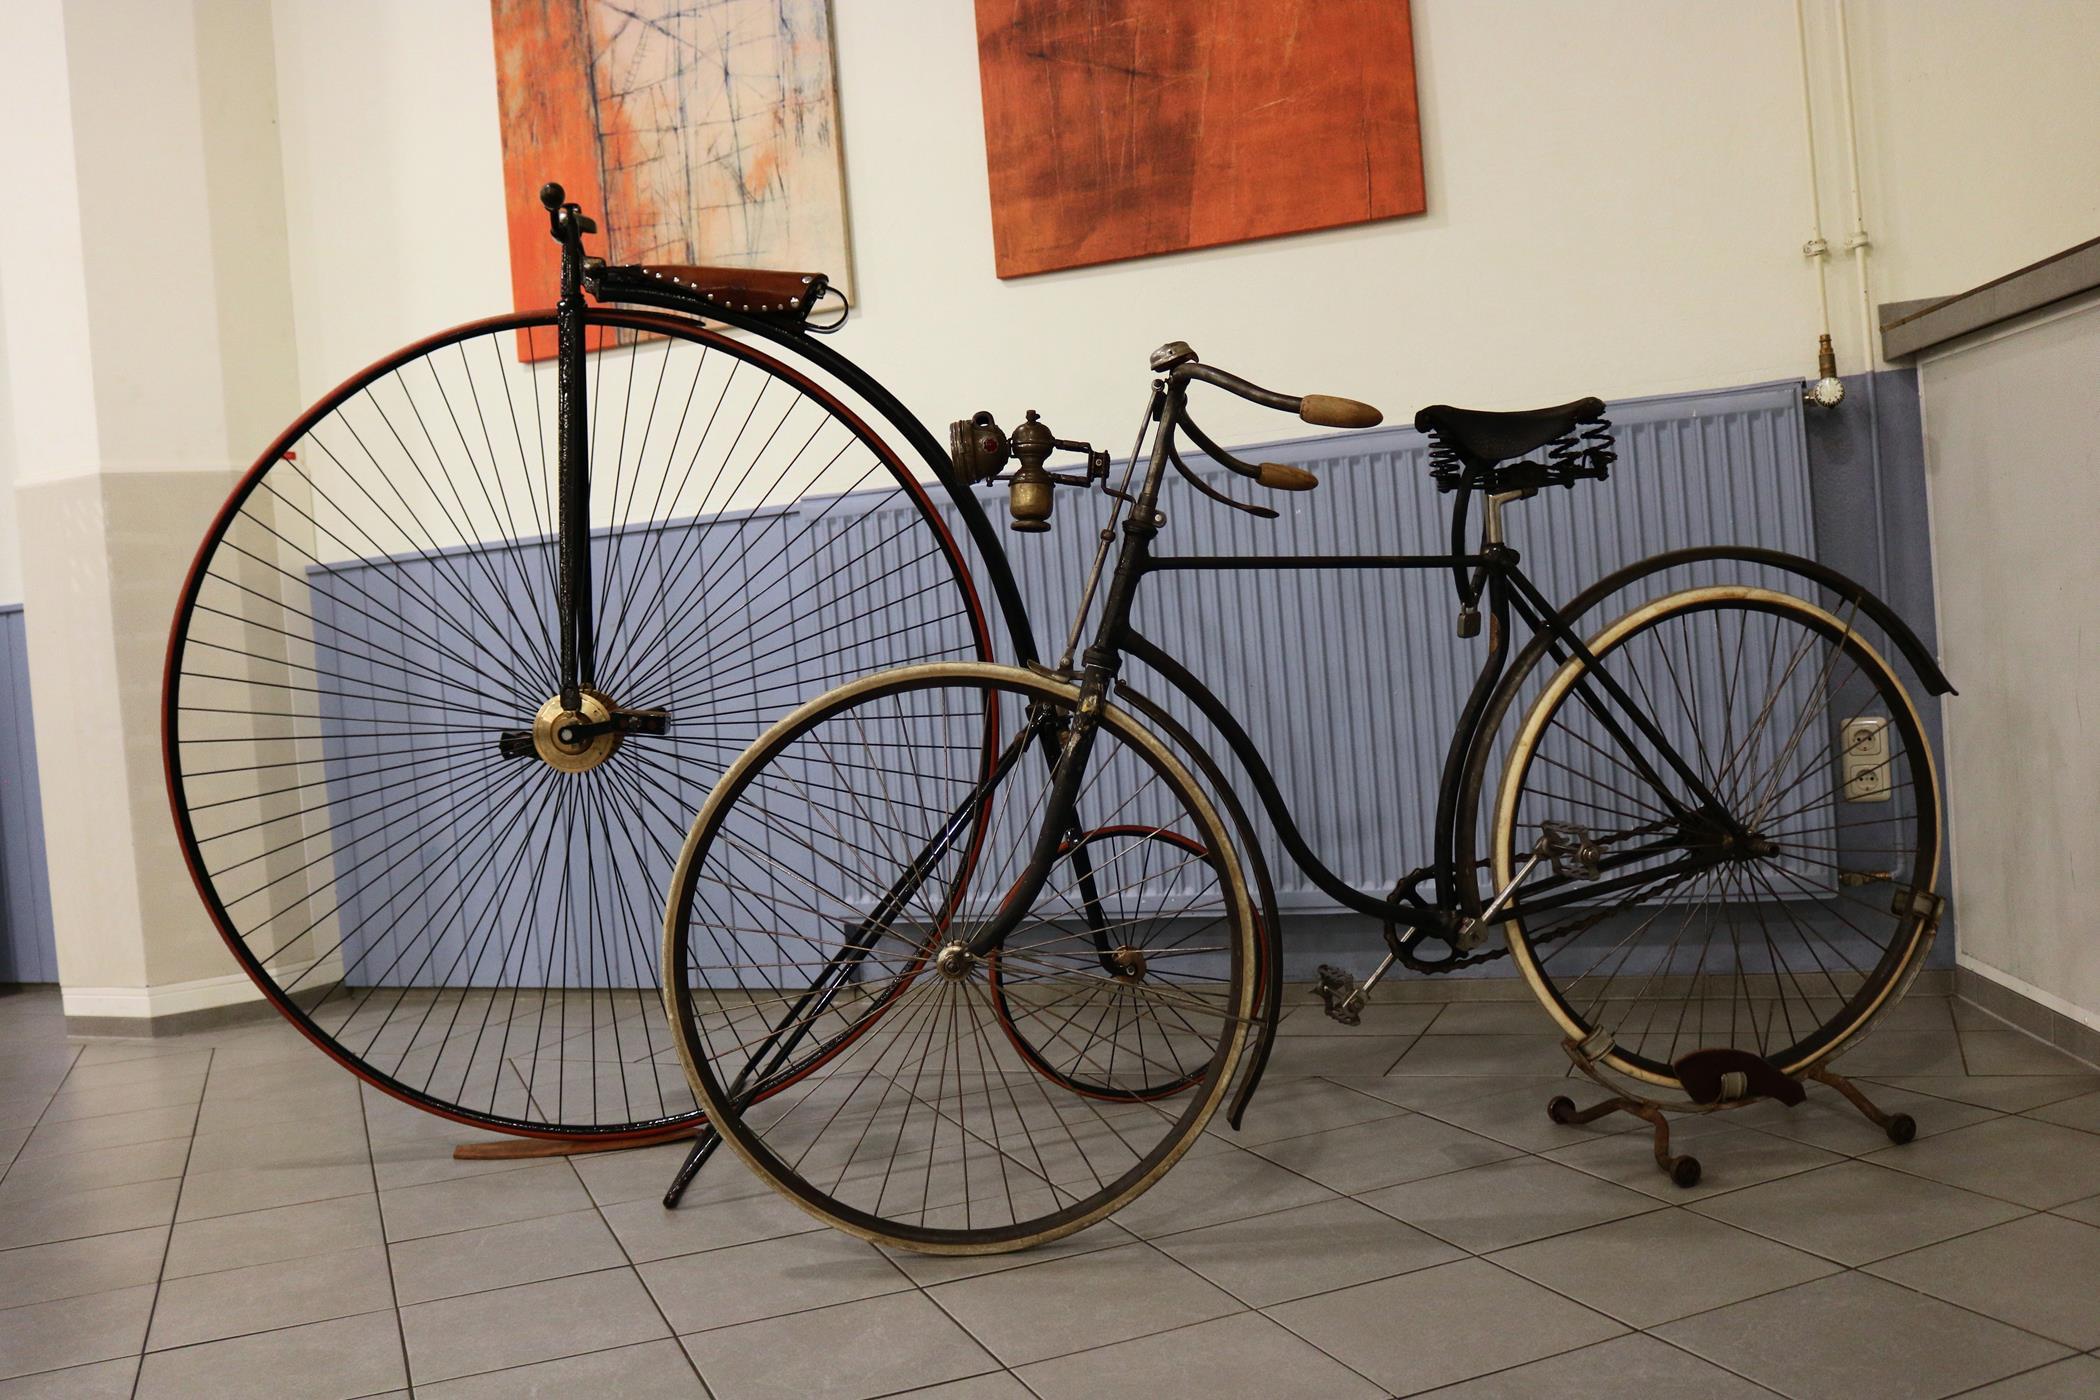 200 Jahre Fahrrad - 100 Jahre RSC Niedermehnen.